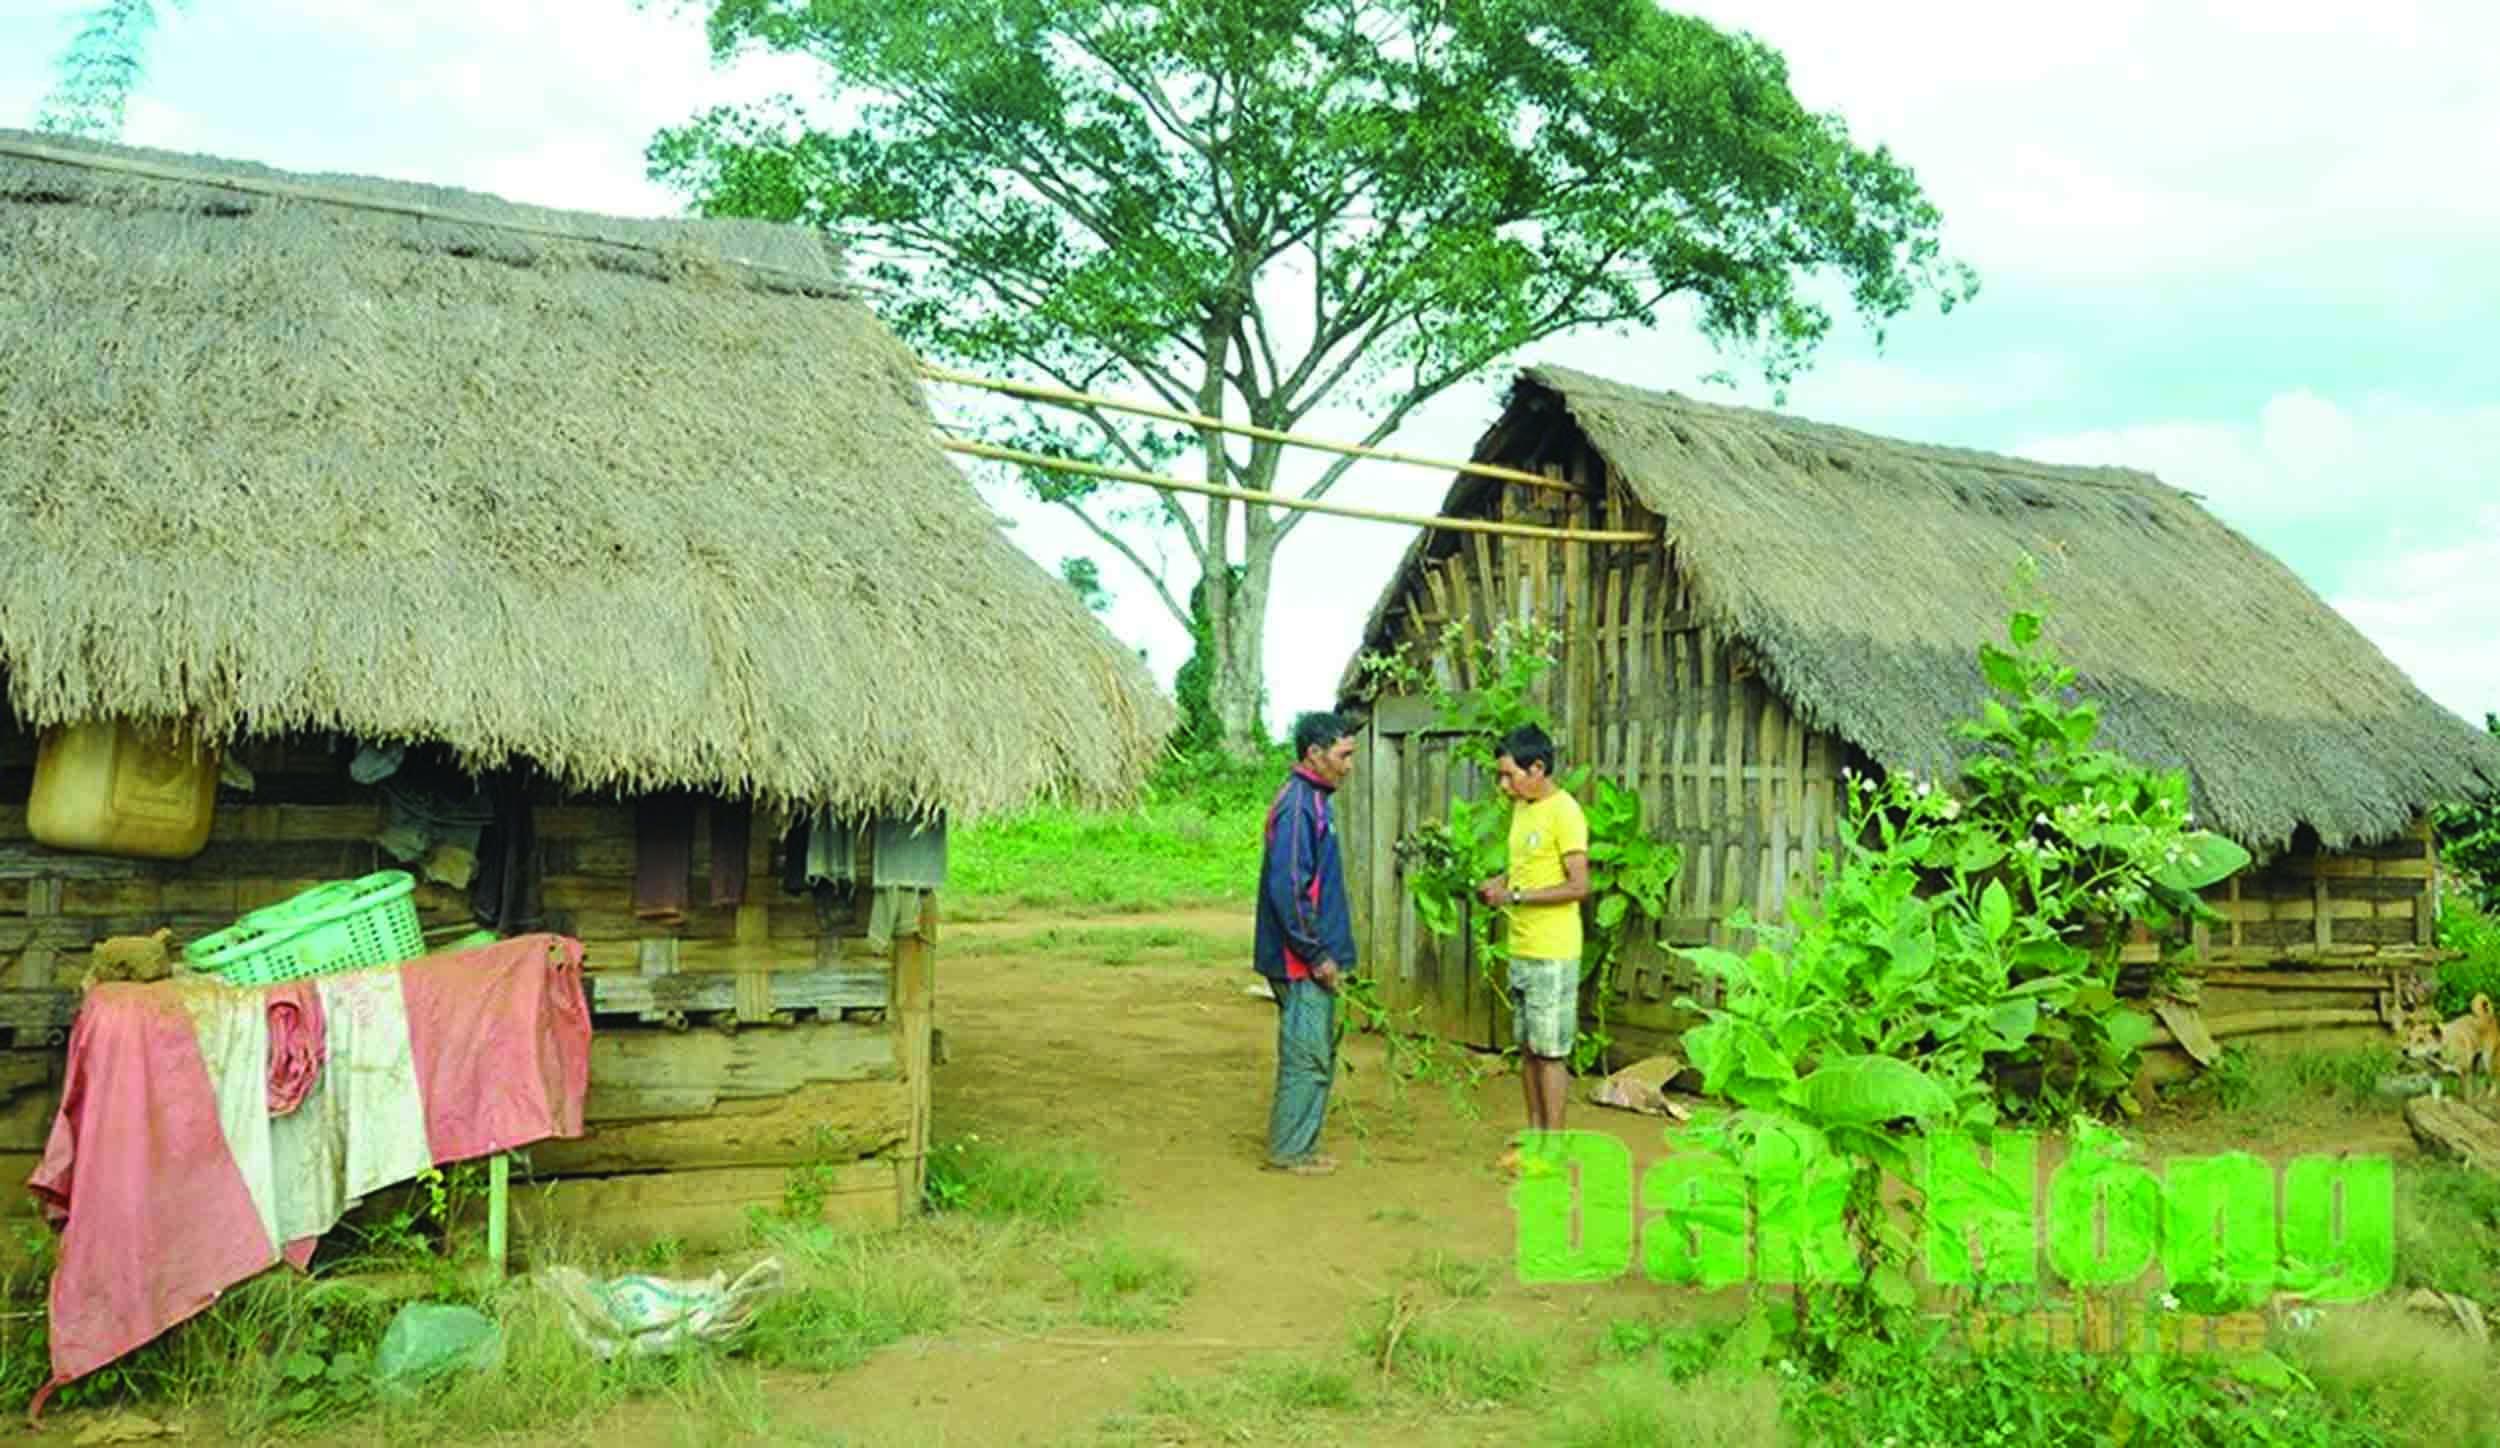 Nhà ở tạm bợ khiến đồng bào DTTS khó thoát nghèo. (Trong ảnh: Nhiều hộ dân ở thôn 9, xã Đăk Ha, Đăk Glong, Đăk Nông vẫn đang sống trong những ngôi nhà tranh tre tạm bợ).